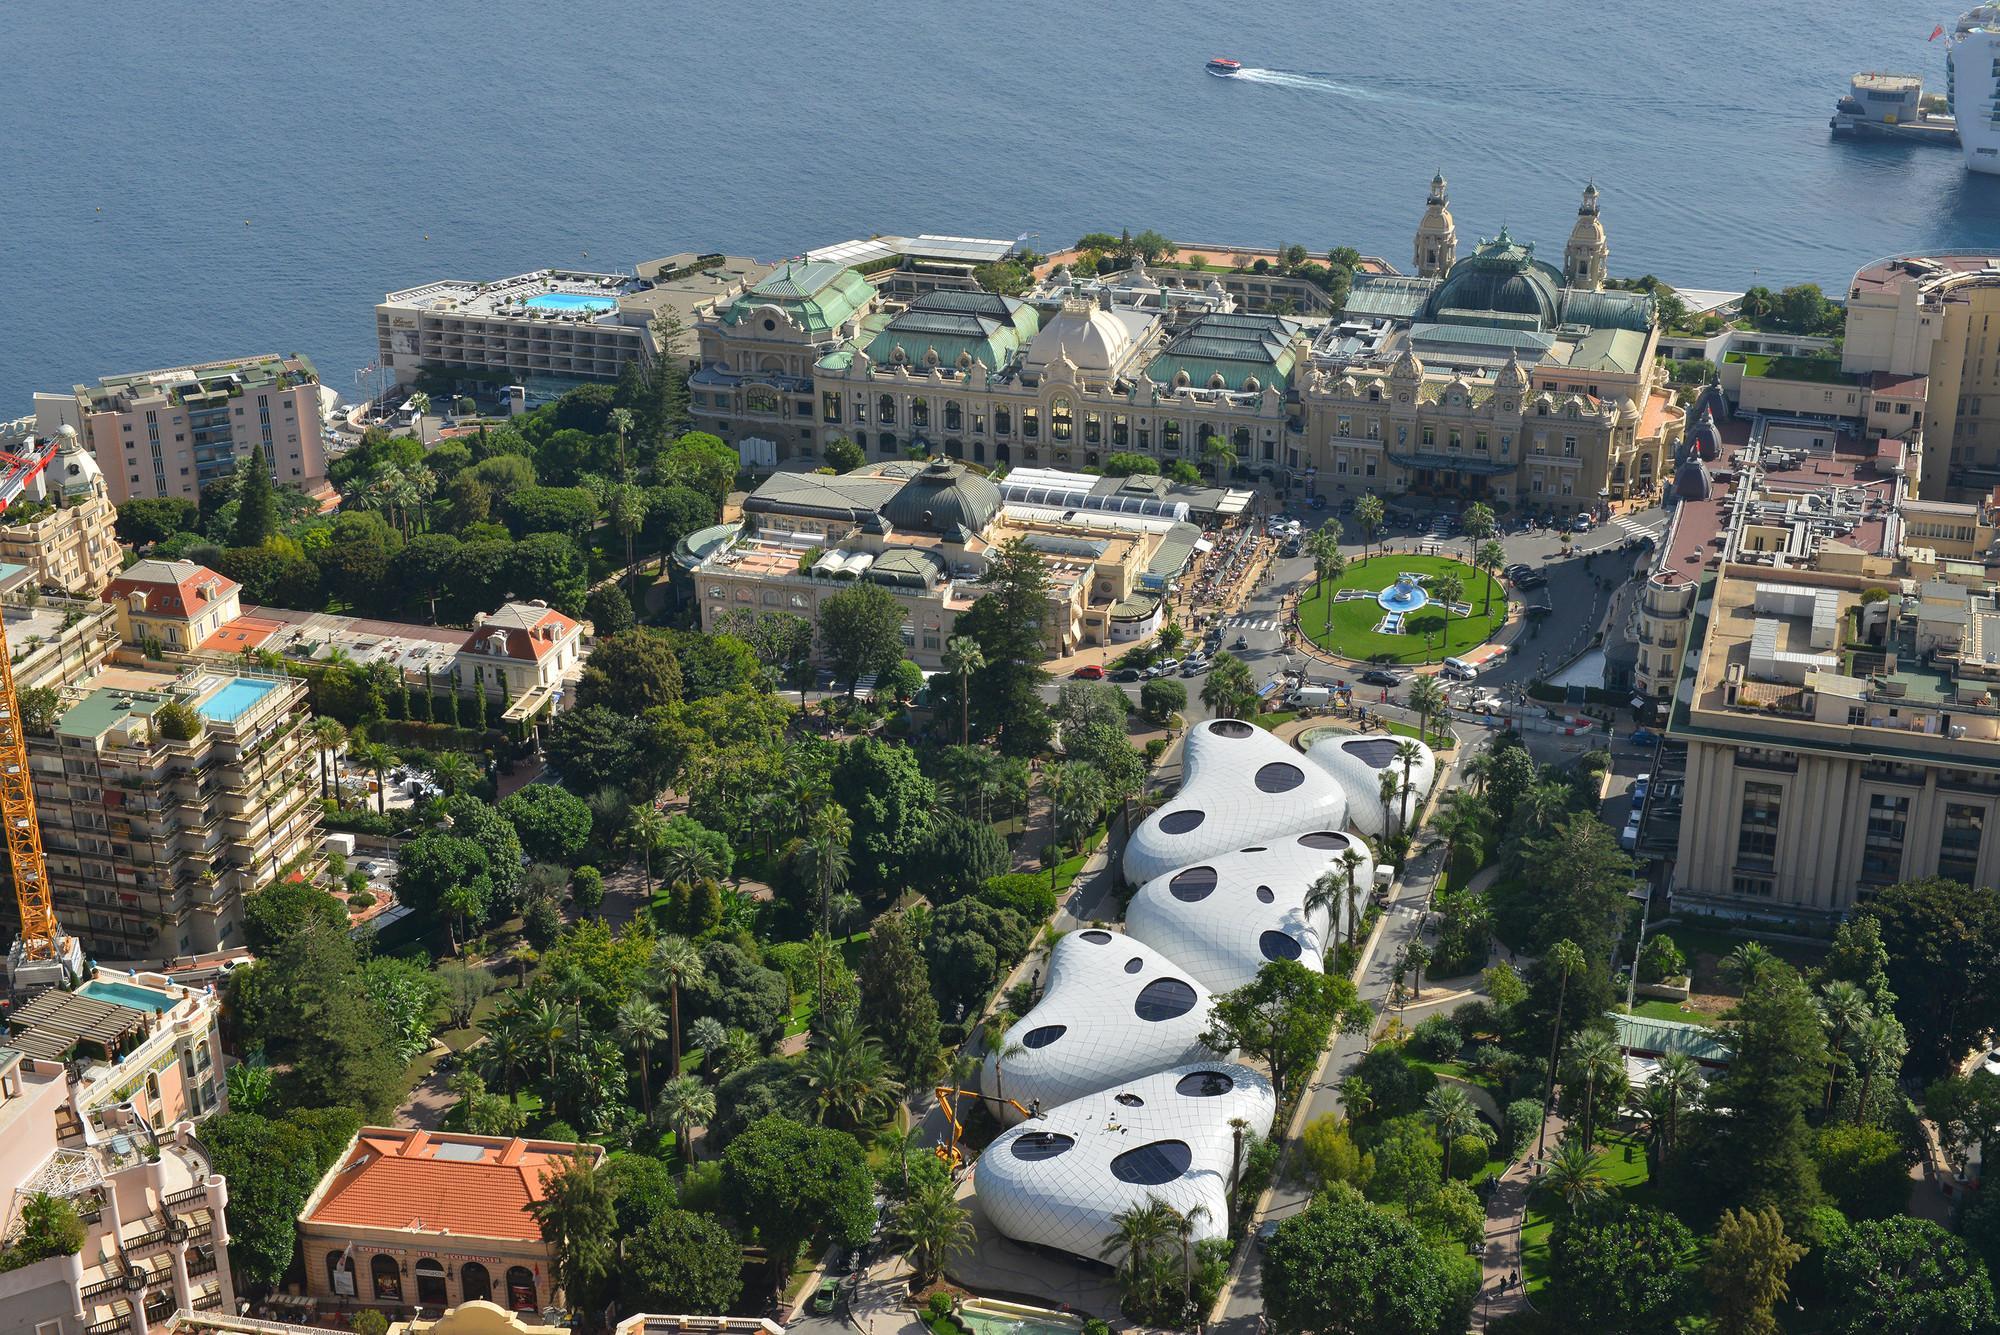 Pabellones Monte-Carlo / Affine Design, © Rémy Schejbal